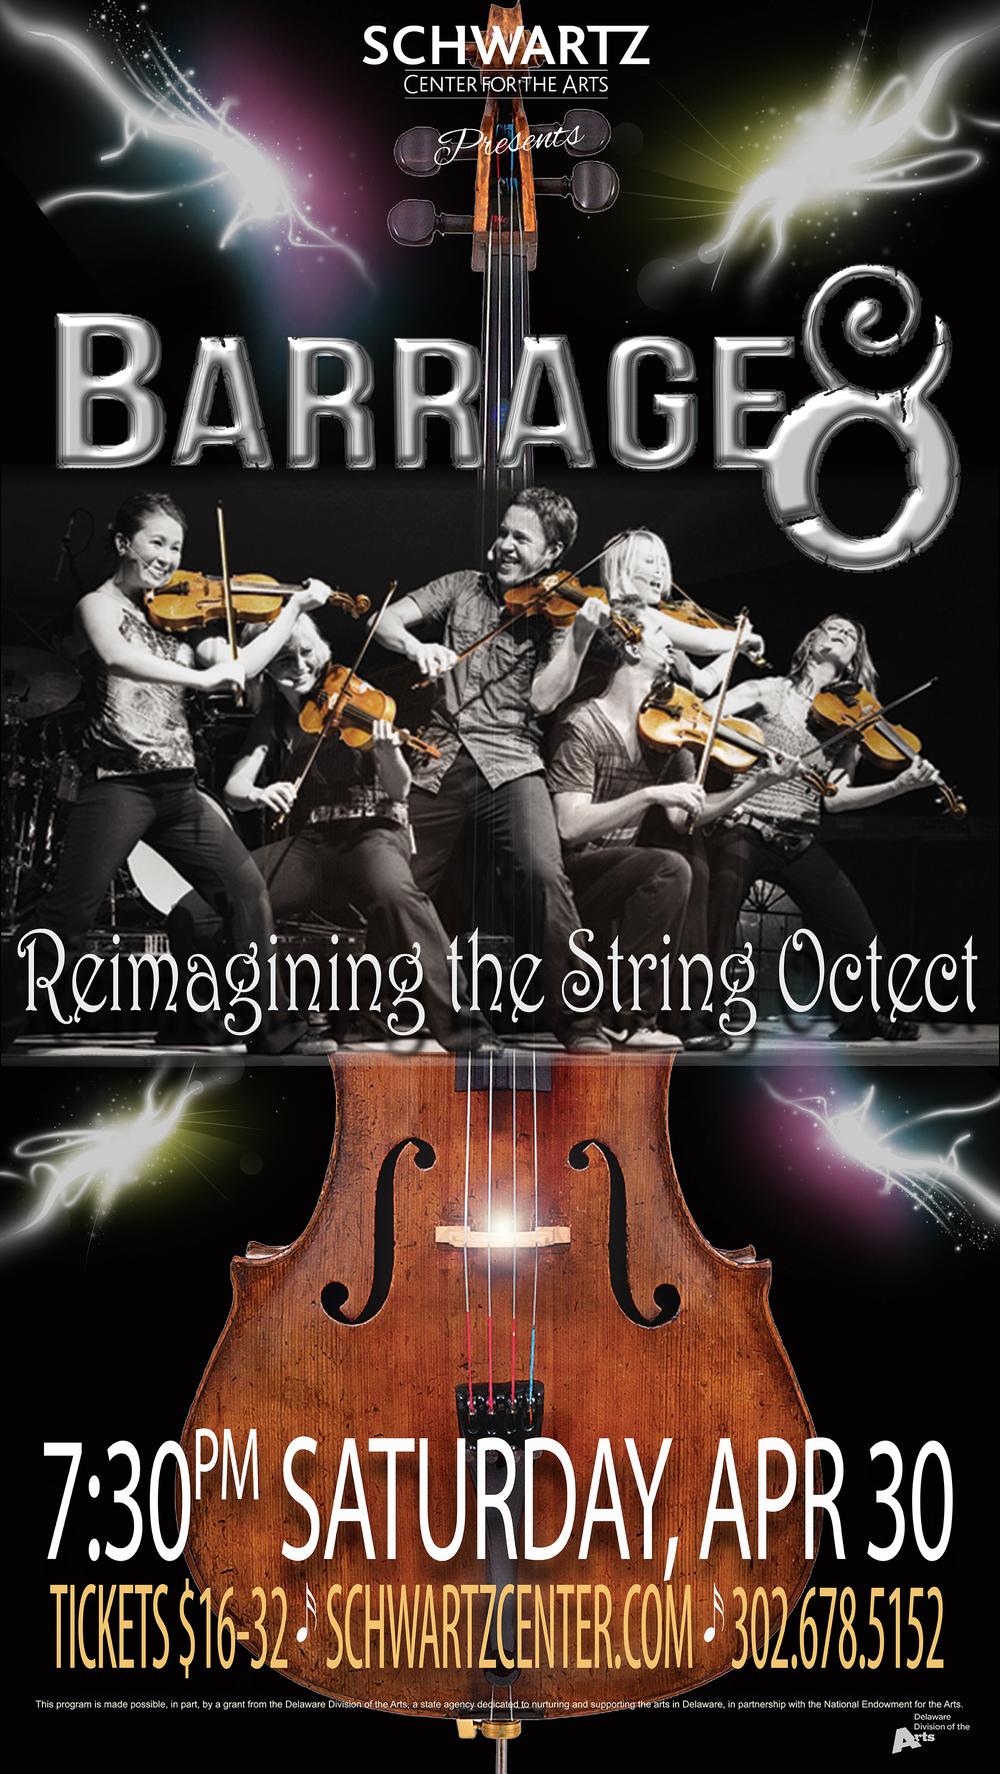 Concert Poster - Barrage 8